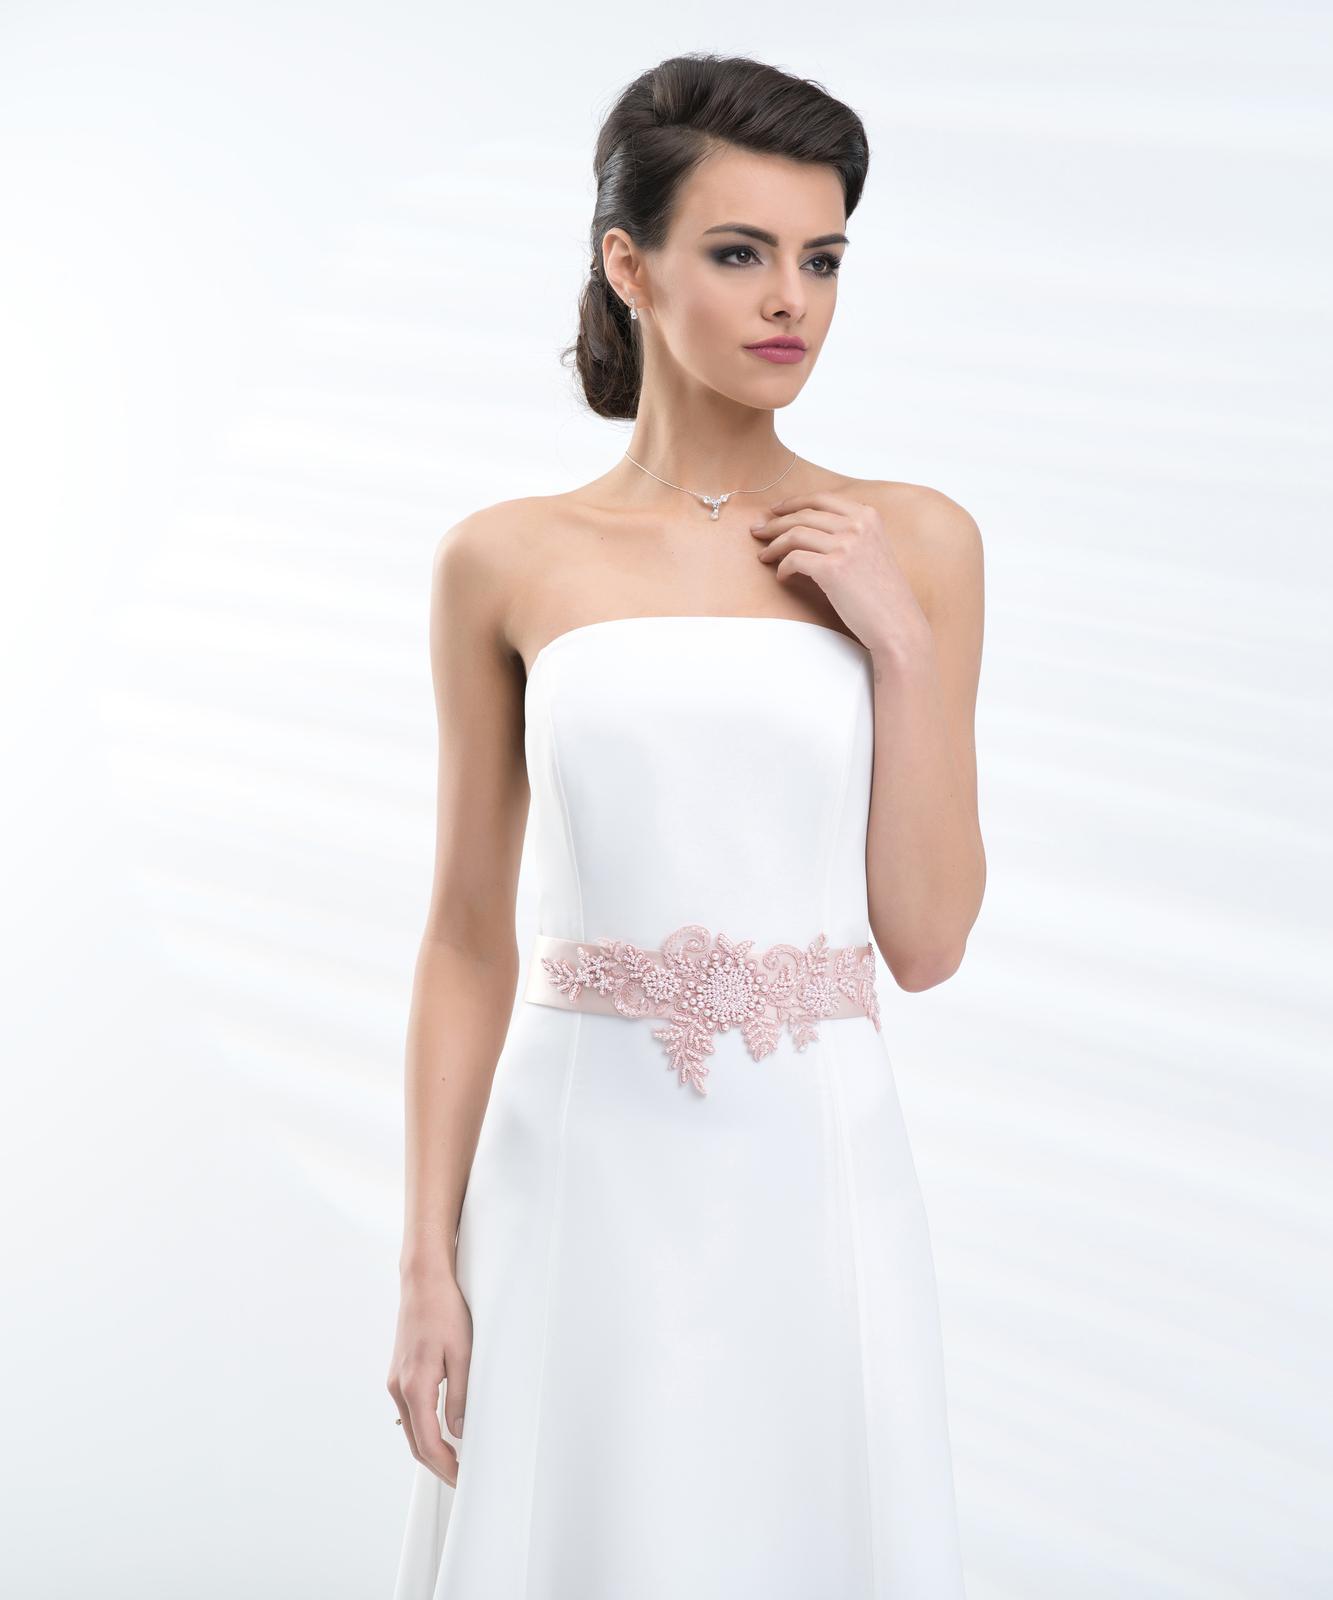 Ružový opasok na svadobné šaty - Obrázok č. 1